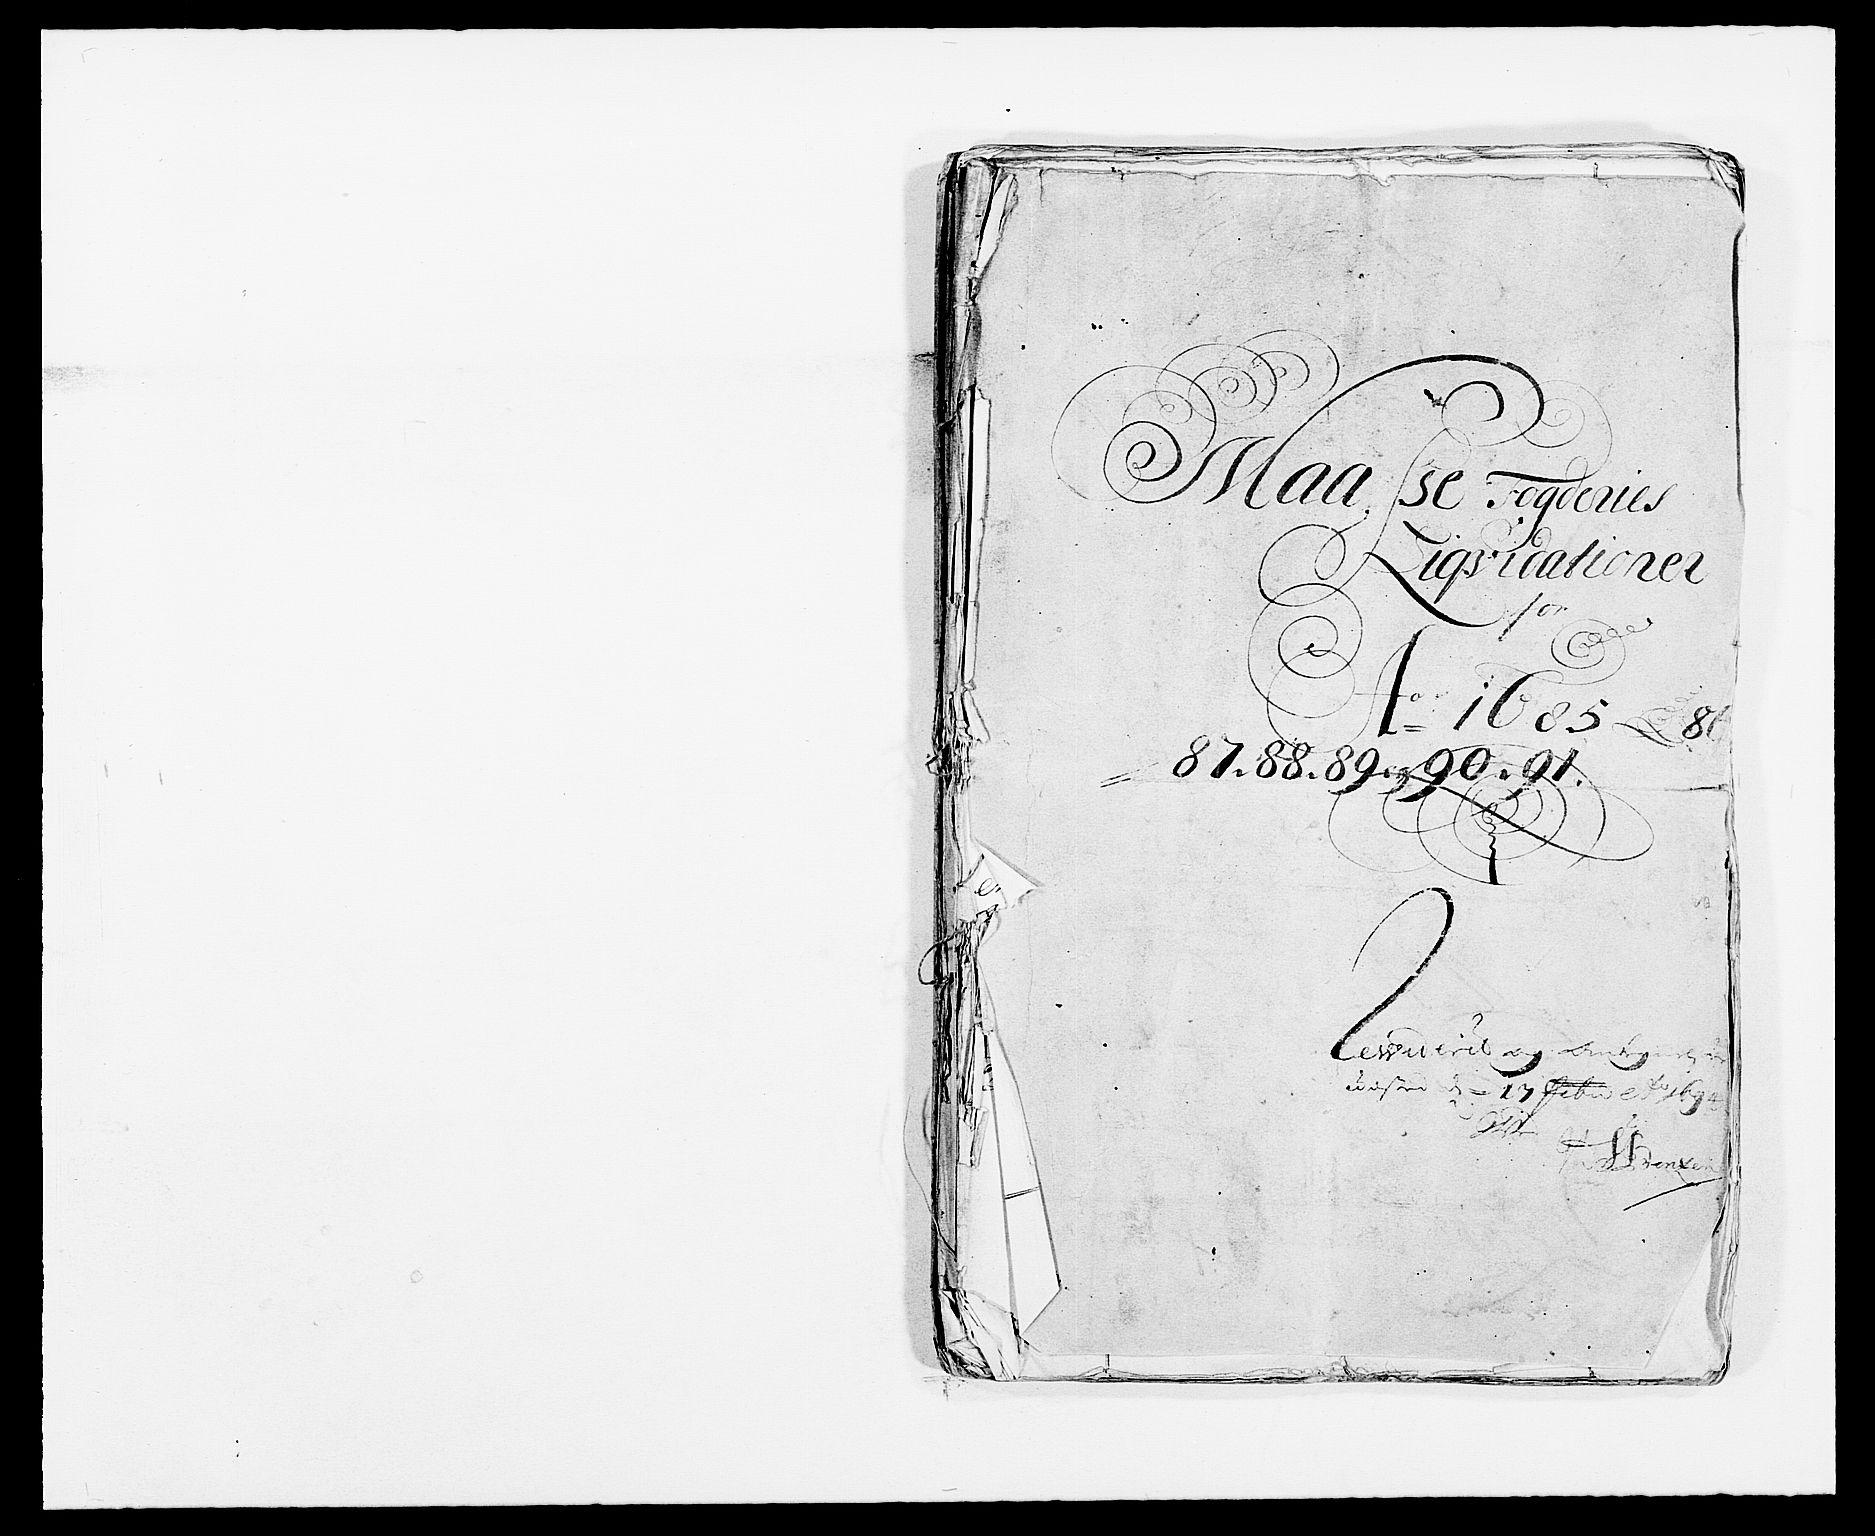 RA, Rentekammeret inntil 1814, Reviderte regnskaper, Fogderegnskap, R02/L0107: Fogderegnskap Moss og Verne kloster, 1685-1691, s. 2